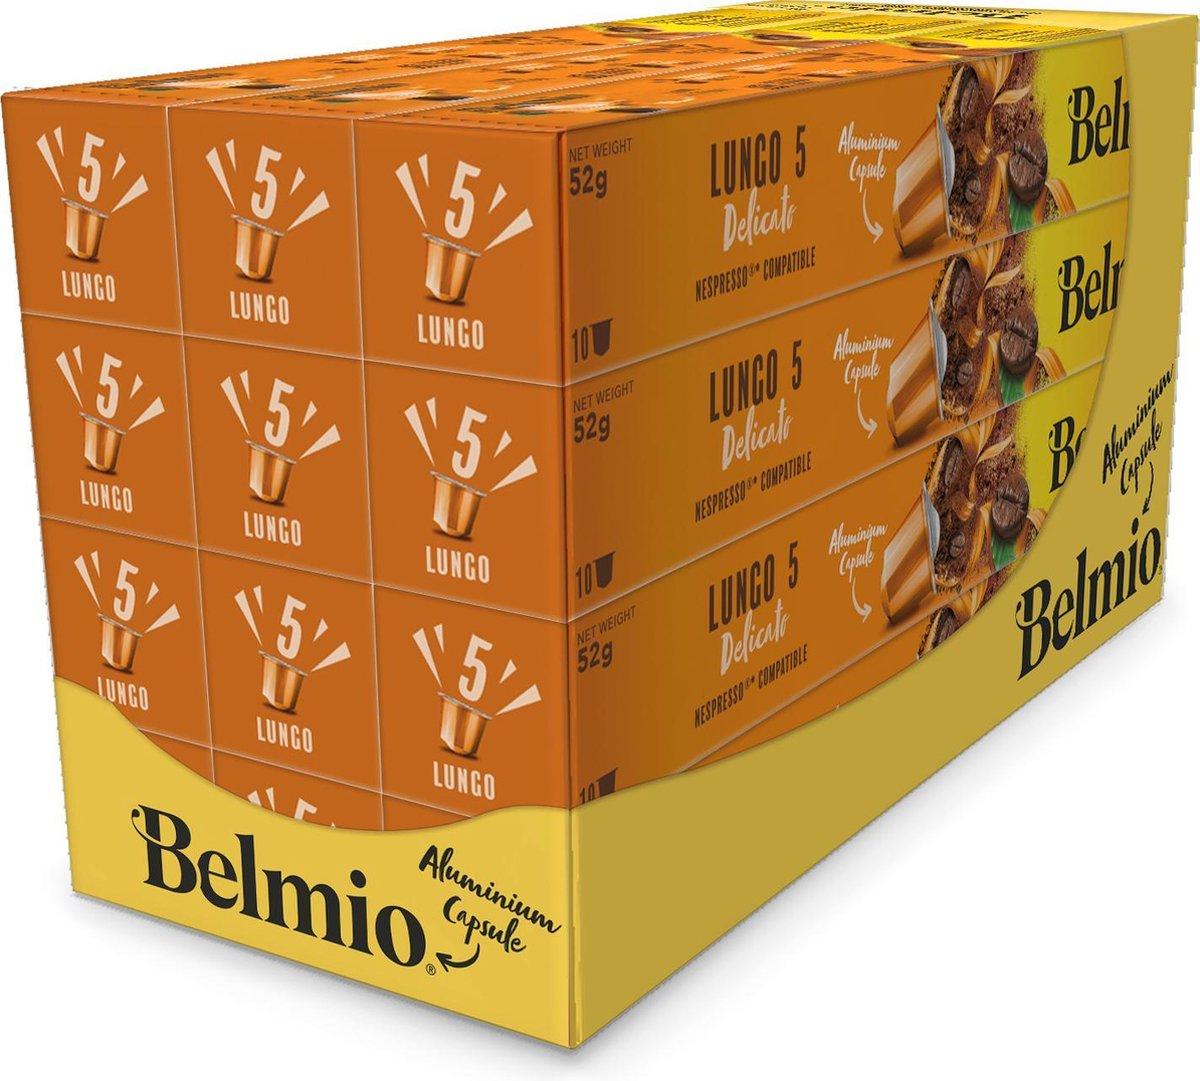 Belmio Nespresso cups (120 stuks) voor €11 @ Bol.com Plaza